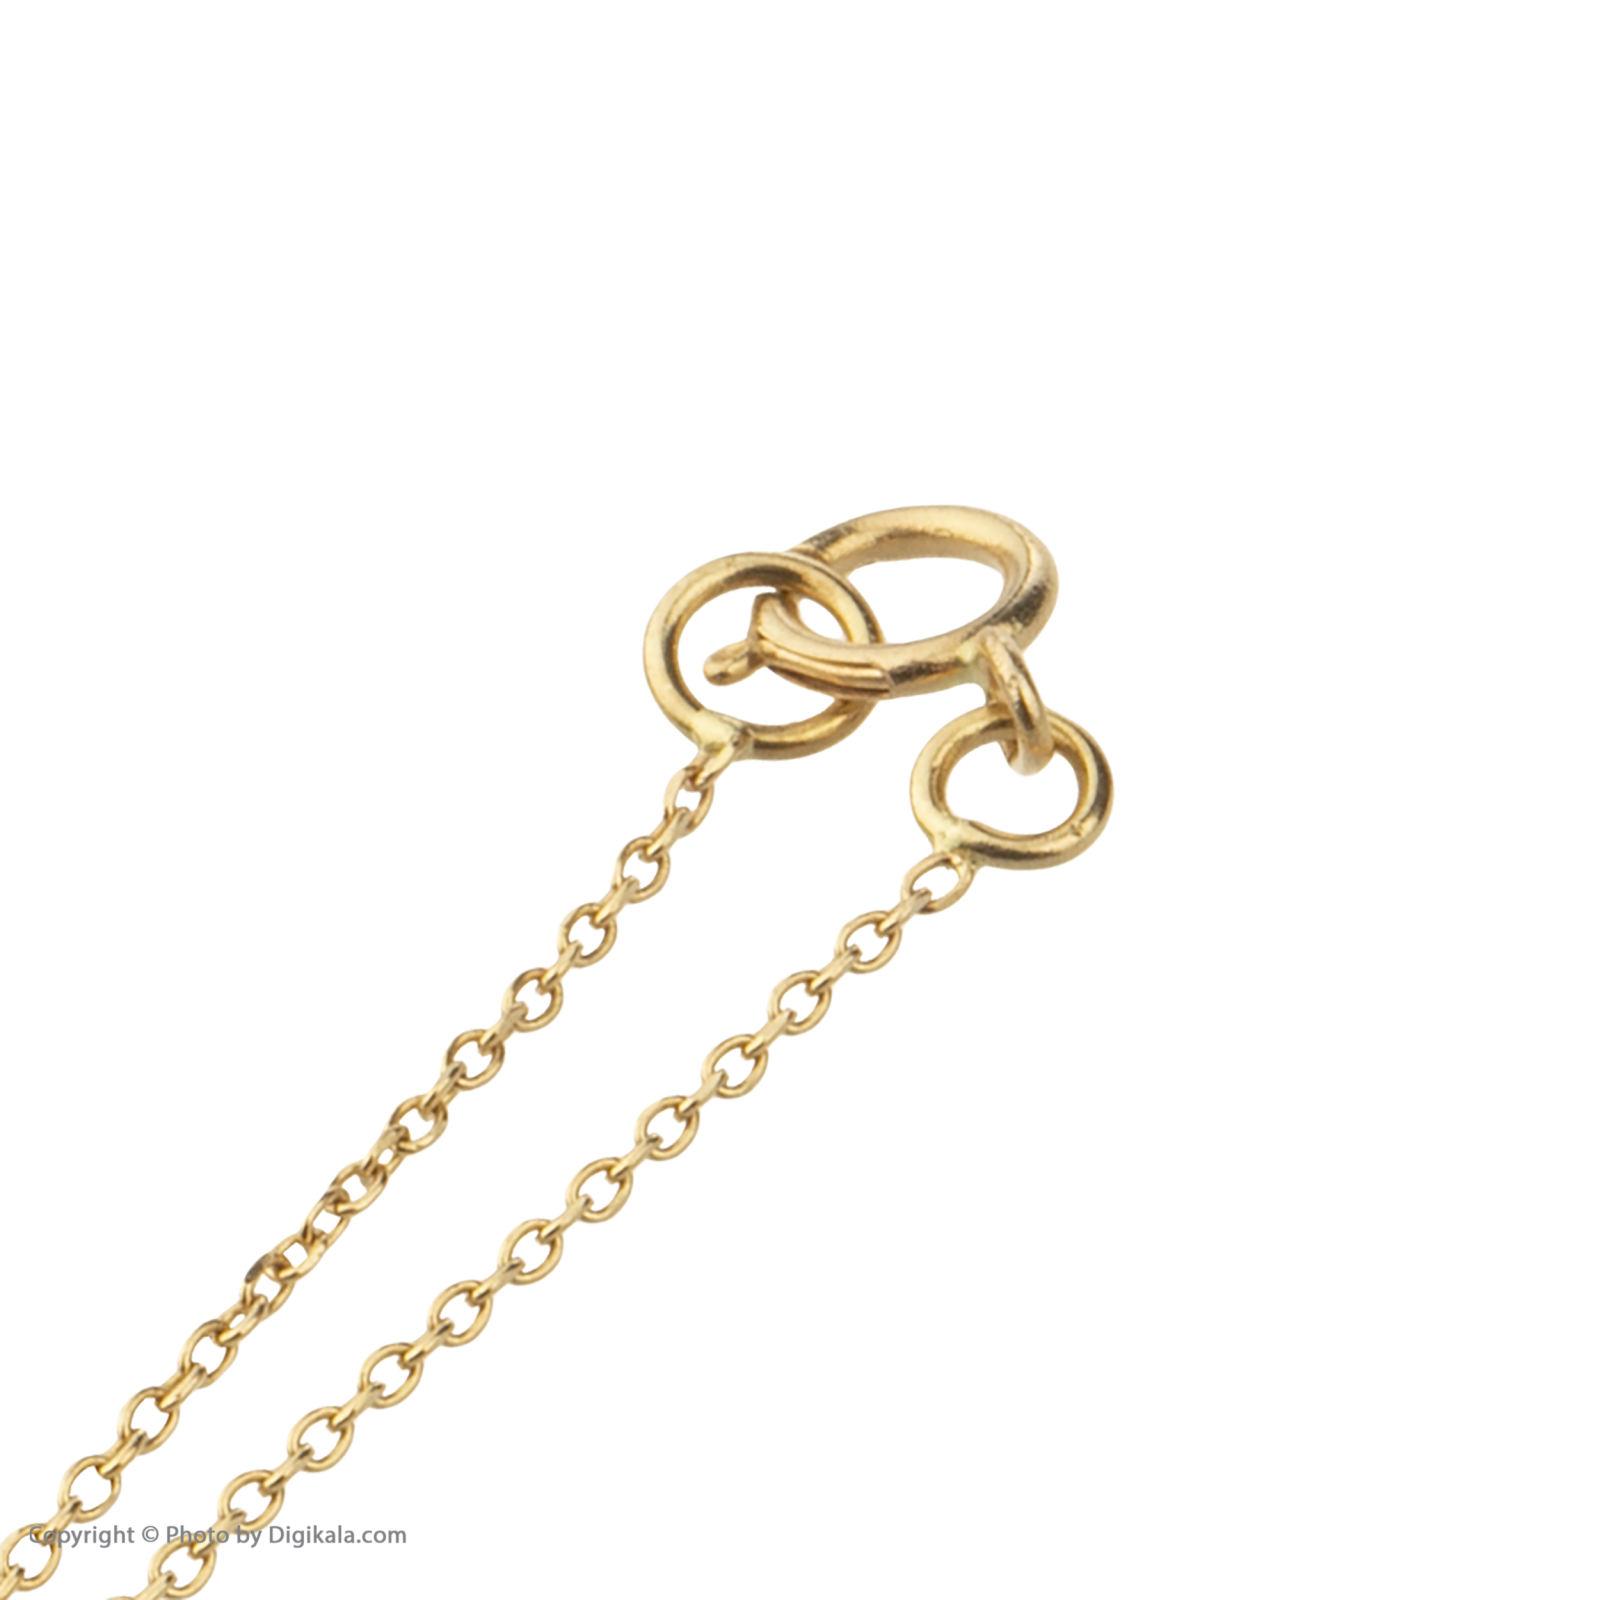 آویز ساعت طلا 18 عیار زنانه میو گلد مدل GD613 -  - 5